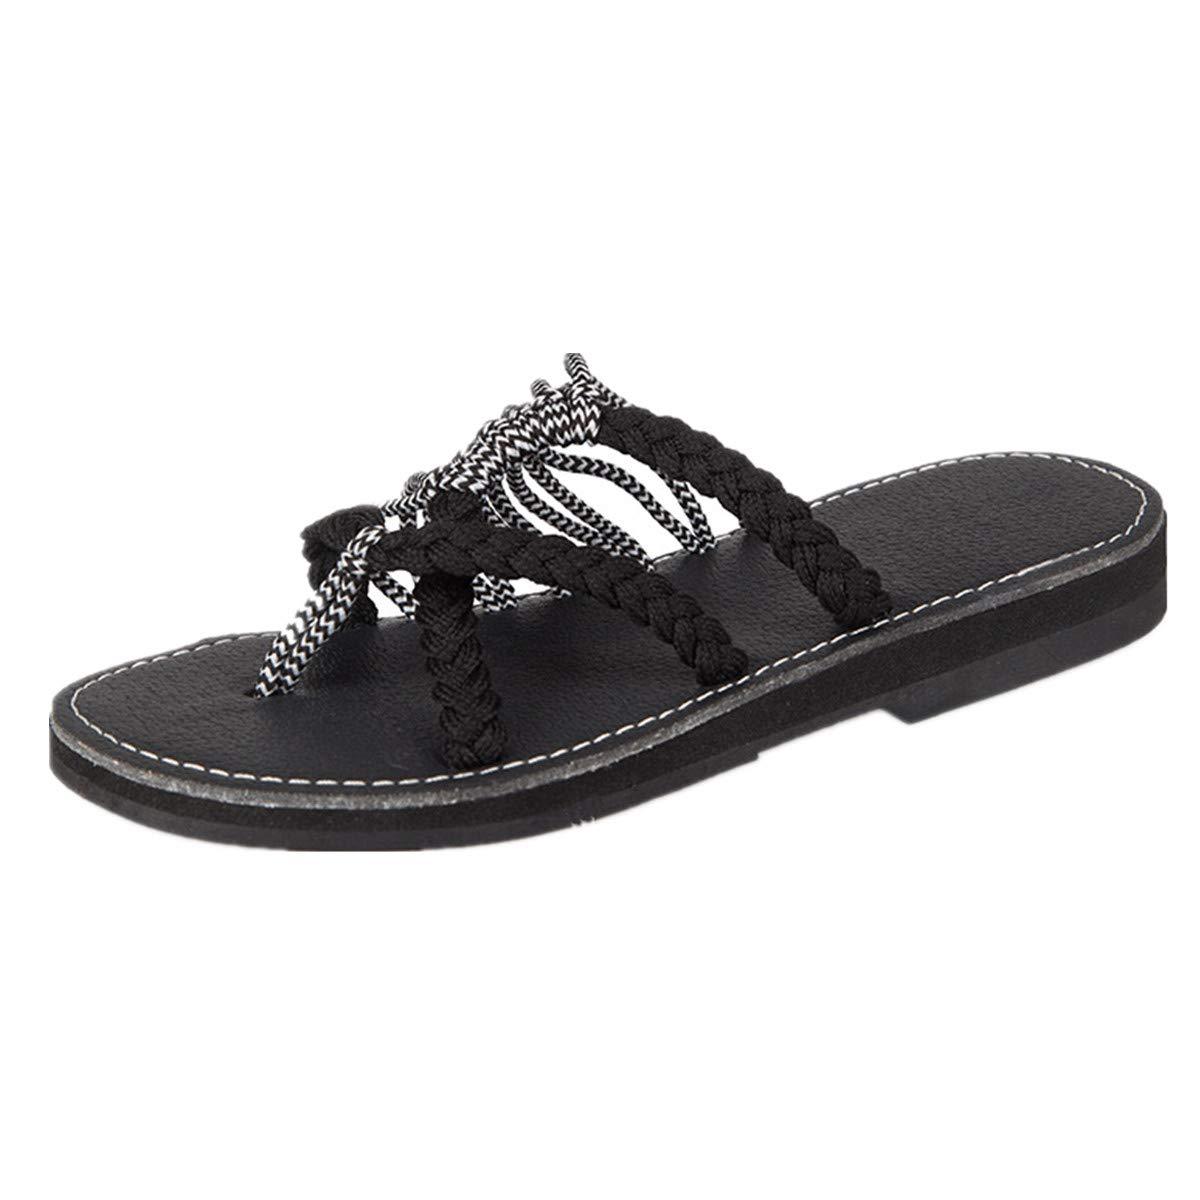 GOFIVE B01JARXZU0 Sandales Plates pour Femmes Été Slip Toe Chaussures Tongs Slip Tongs De Plage Chaussures Pantoufles en Plein Air Noir Blanc 75ac762 - fast-weightloss-diet.space